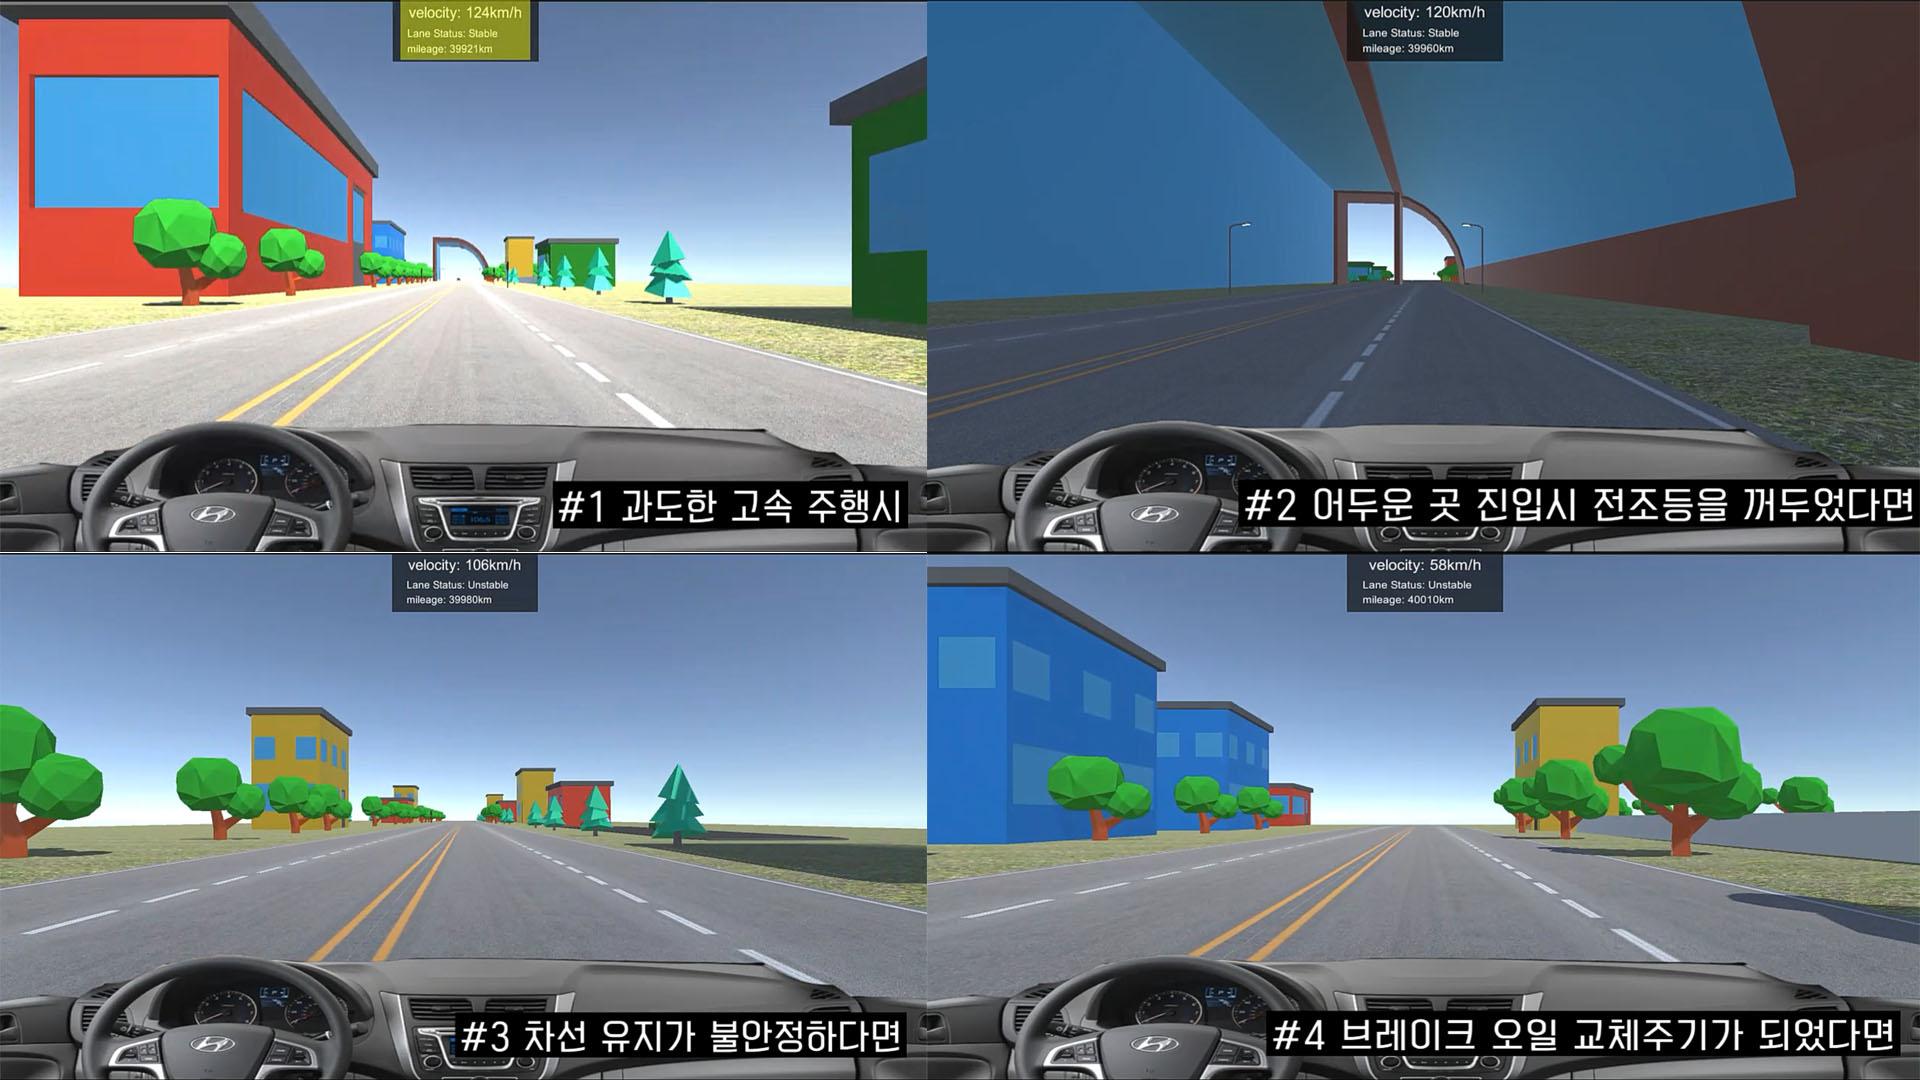 '초보운전자를 위한 조언시스템'의 시연 모습. 각 상황에 따라 시스템이 직접 운전자에게 조언을 해 준다.